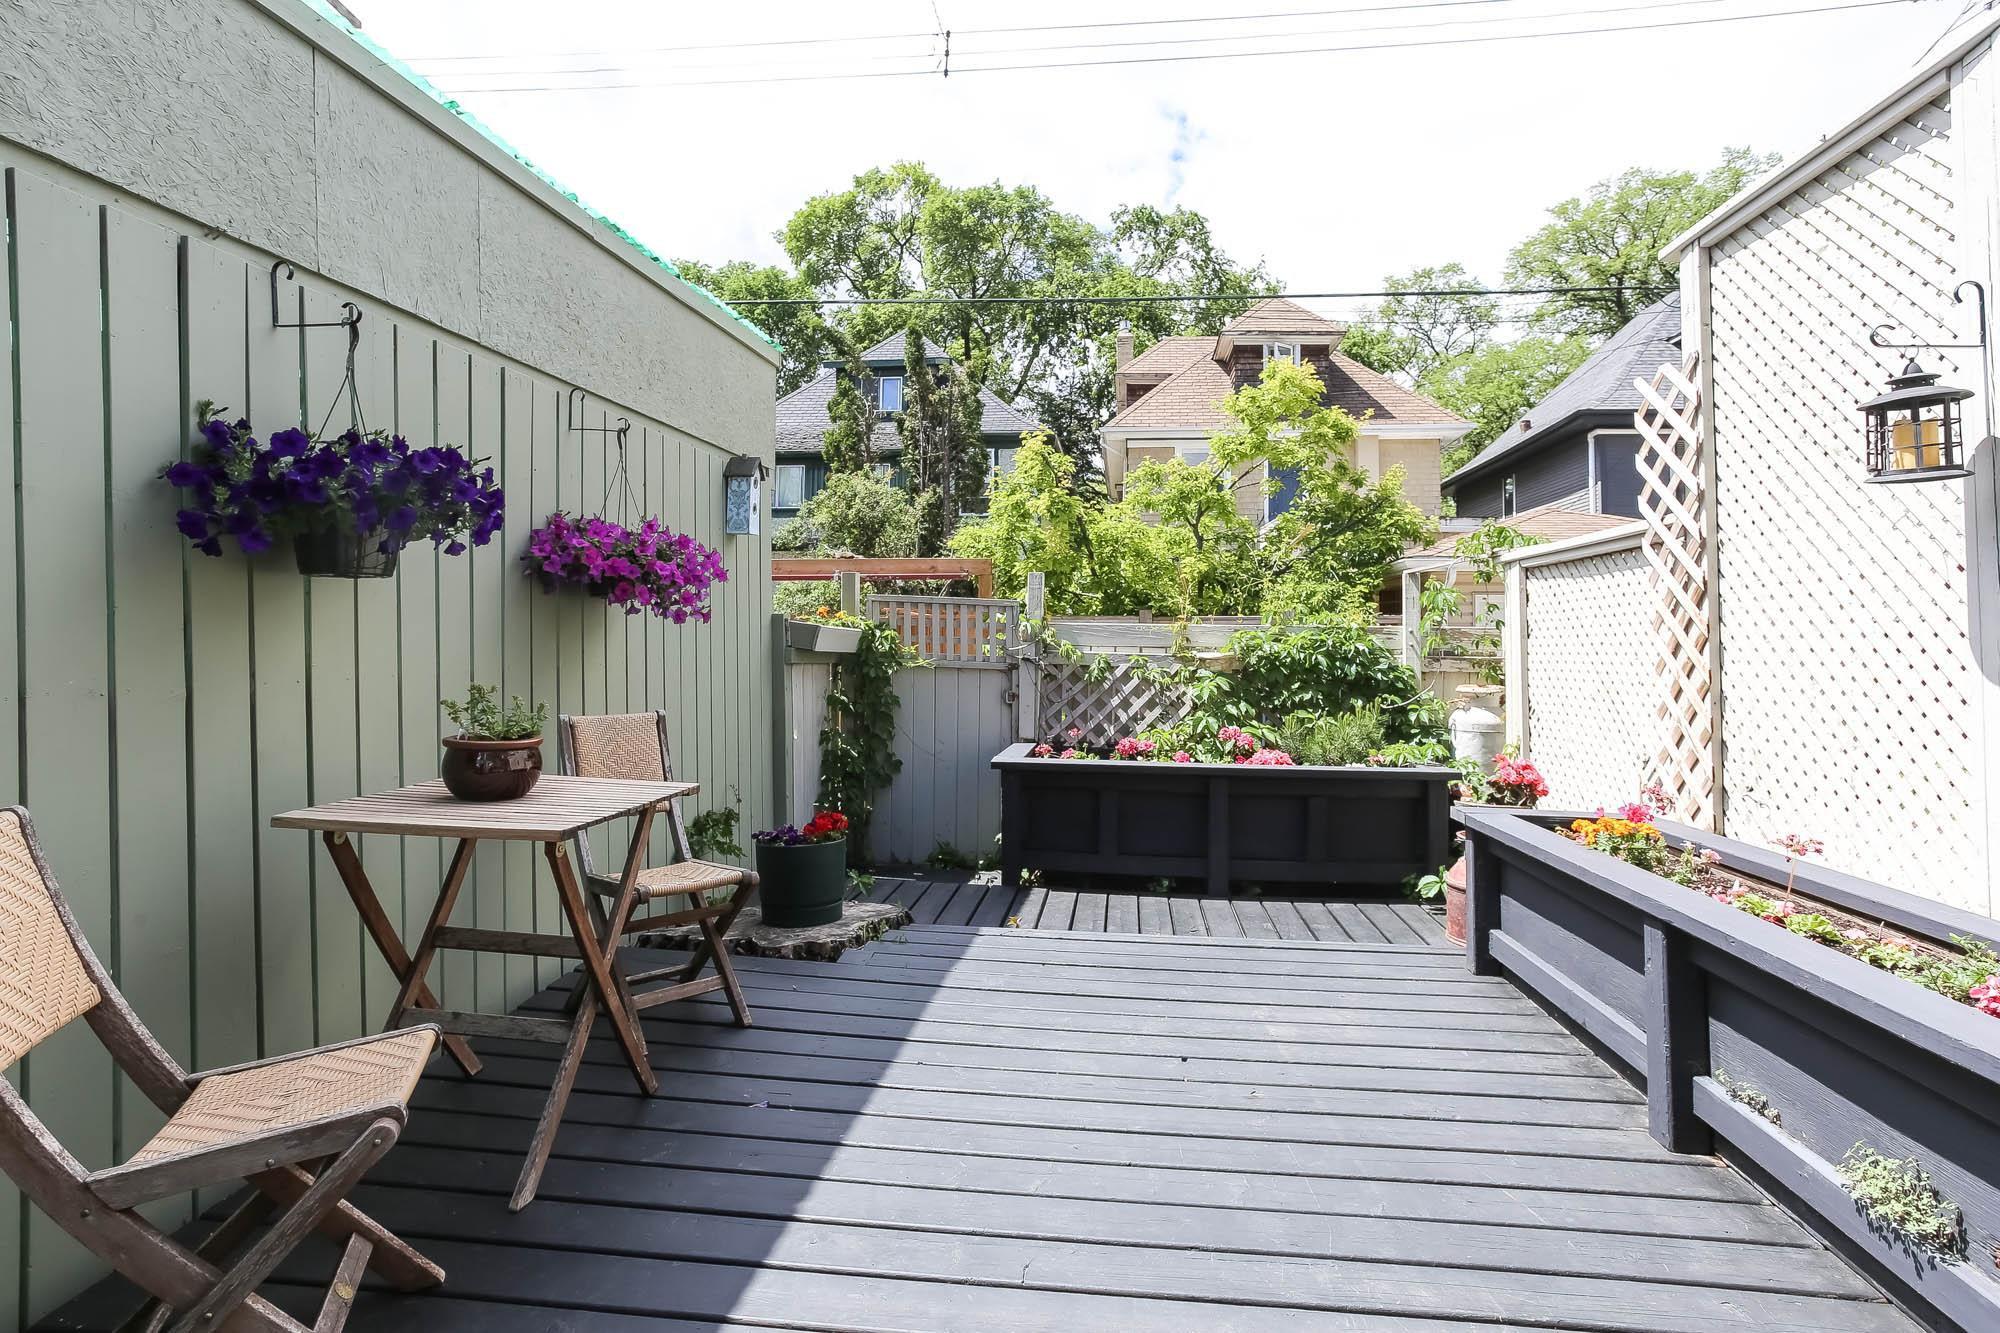 Photo 38: Photos: 108 LENORE Street in Winnipeg: Wolseley Single Family Detached for sale (5B)  : MLS®# 202013079